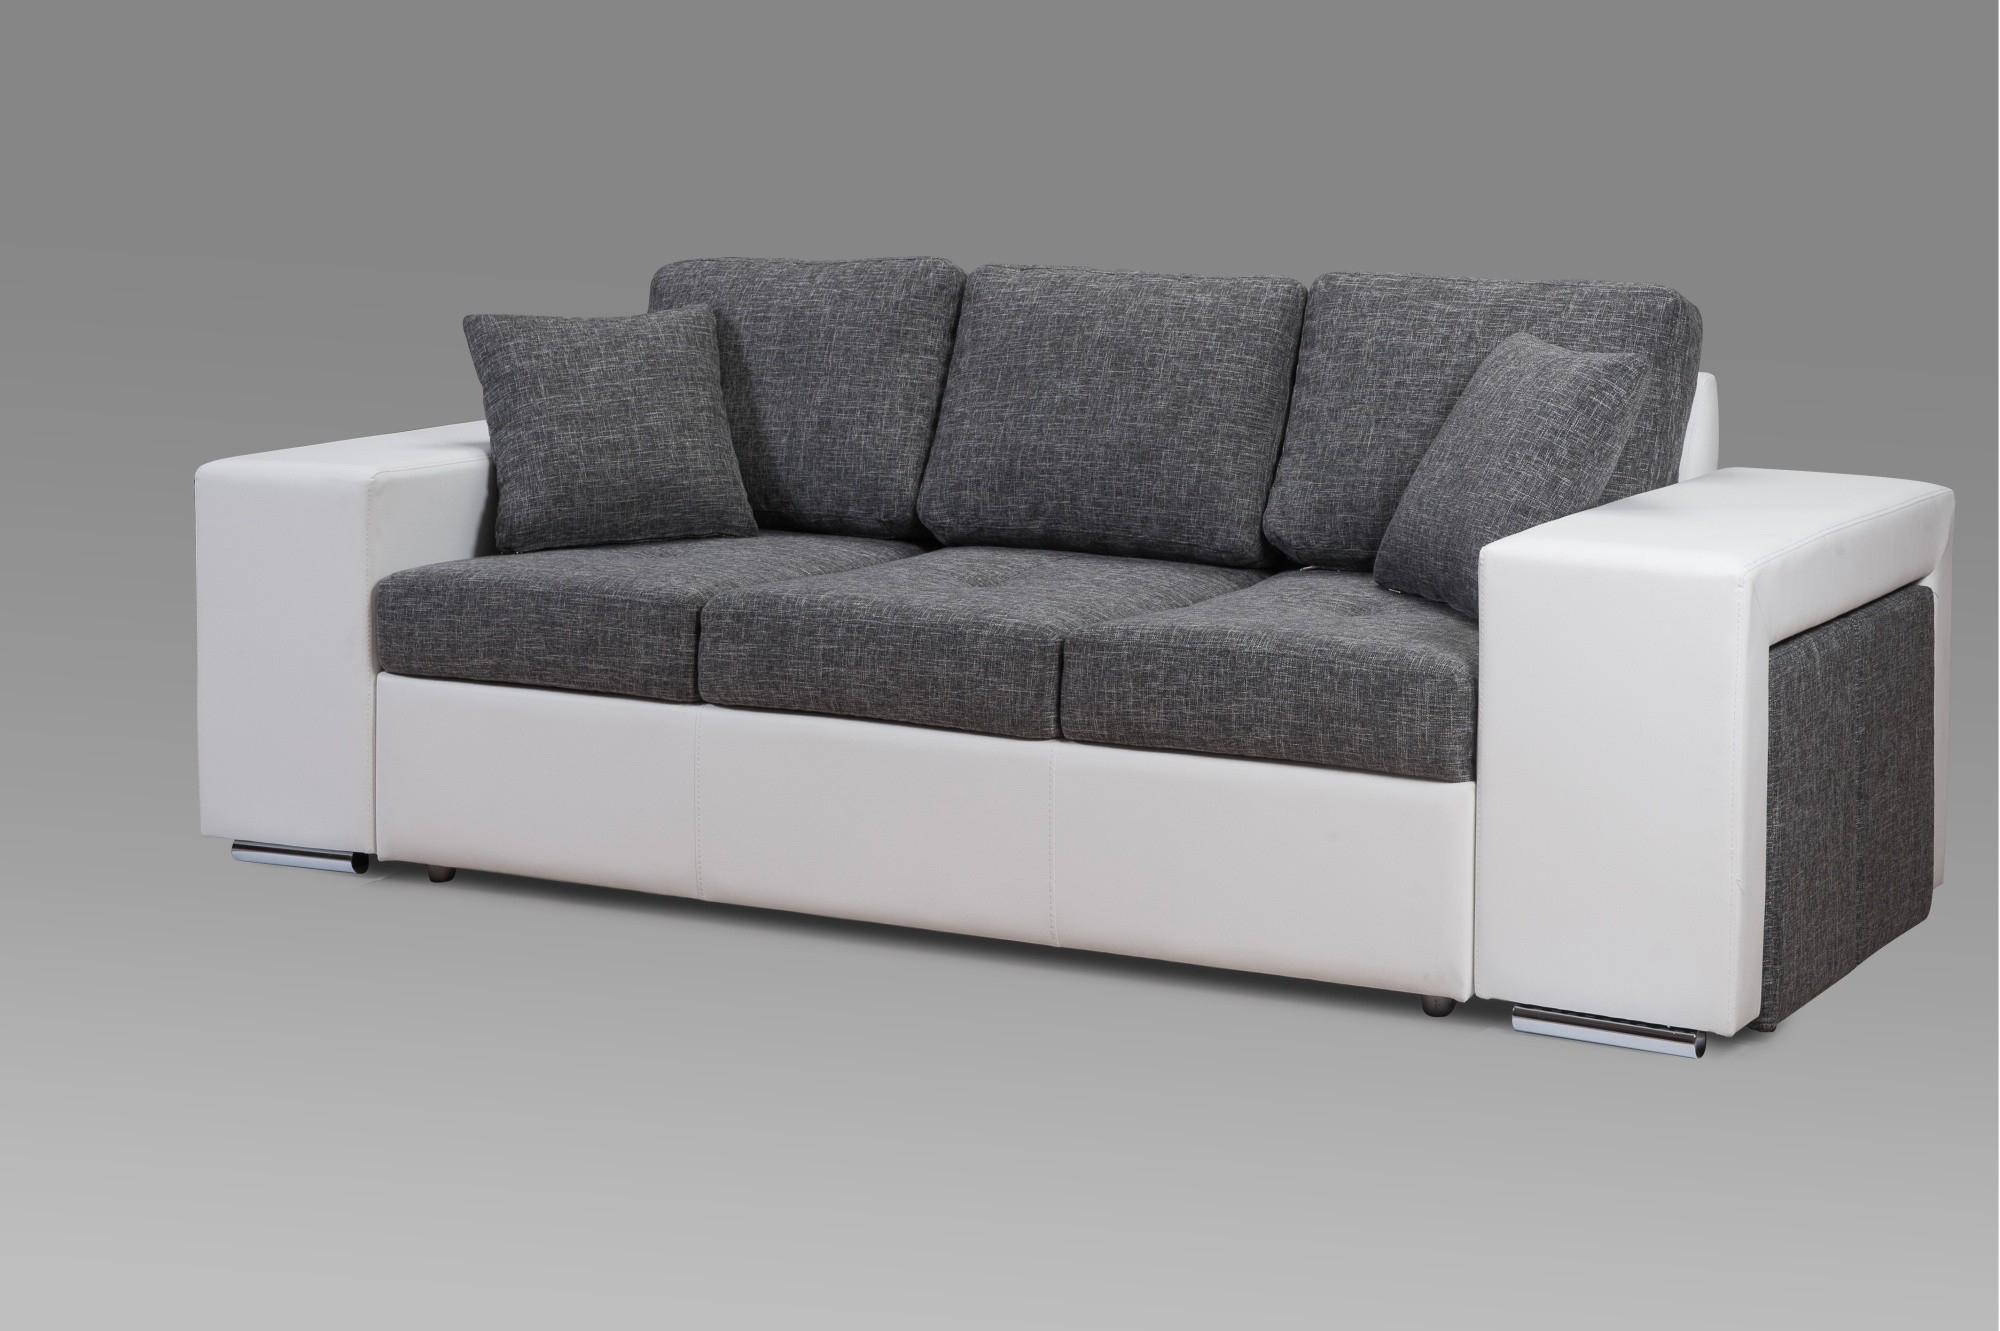 Canapé Convertible 3 Places Ikea Beau Images Adslev